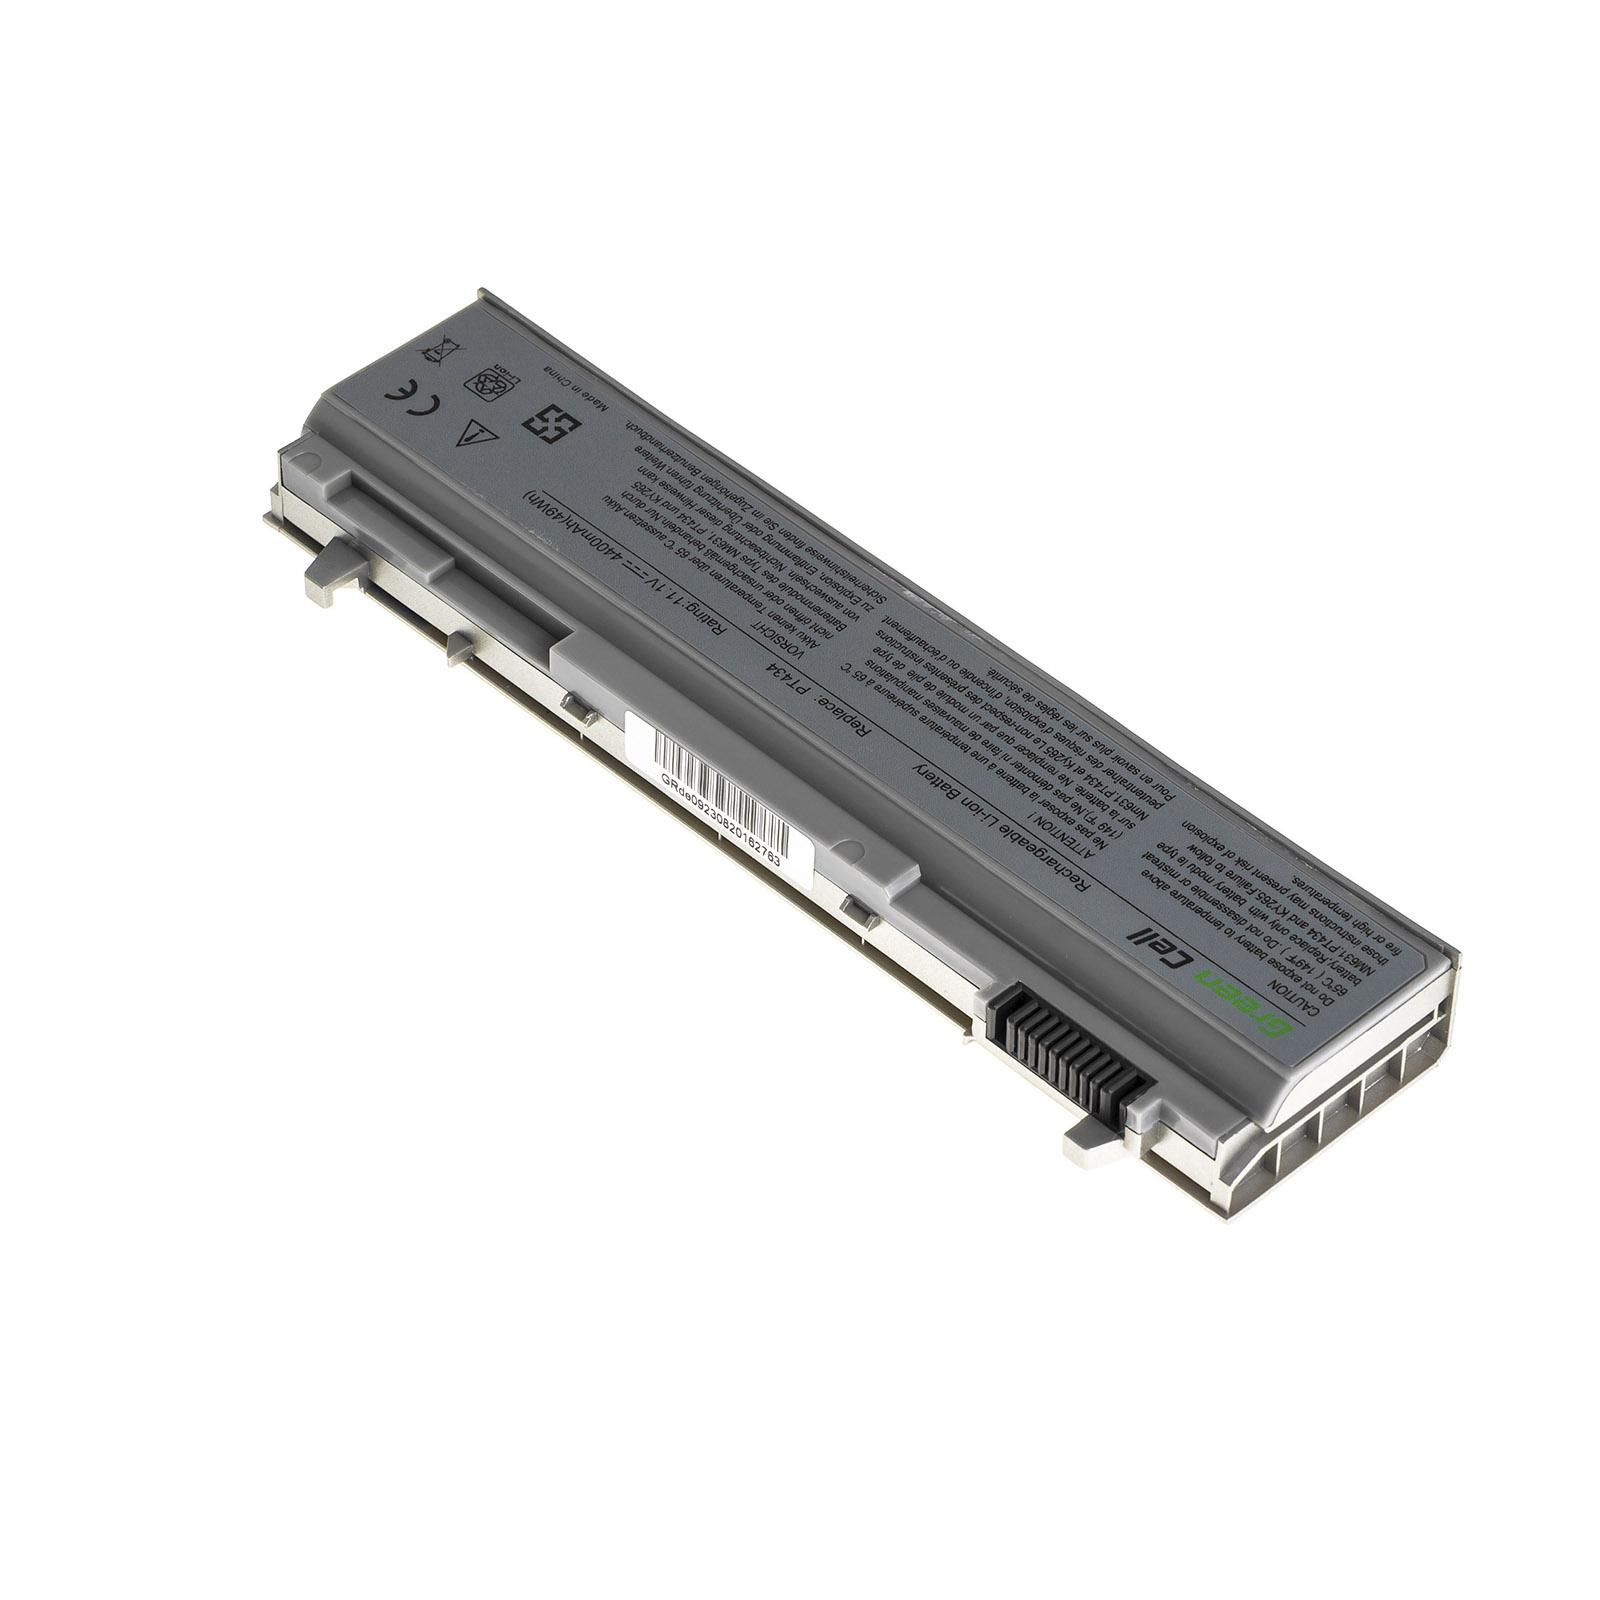 Battery-for-Dell-Latitude-E6400-E6410-E6500-E6510-Laptop-4400mAh thumbnail 5